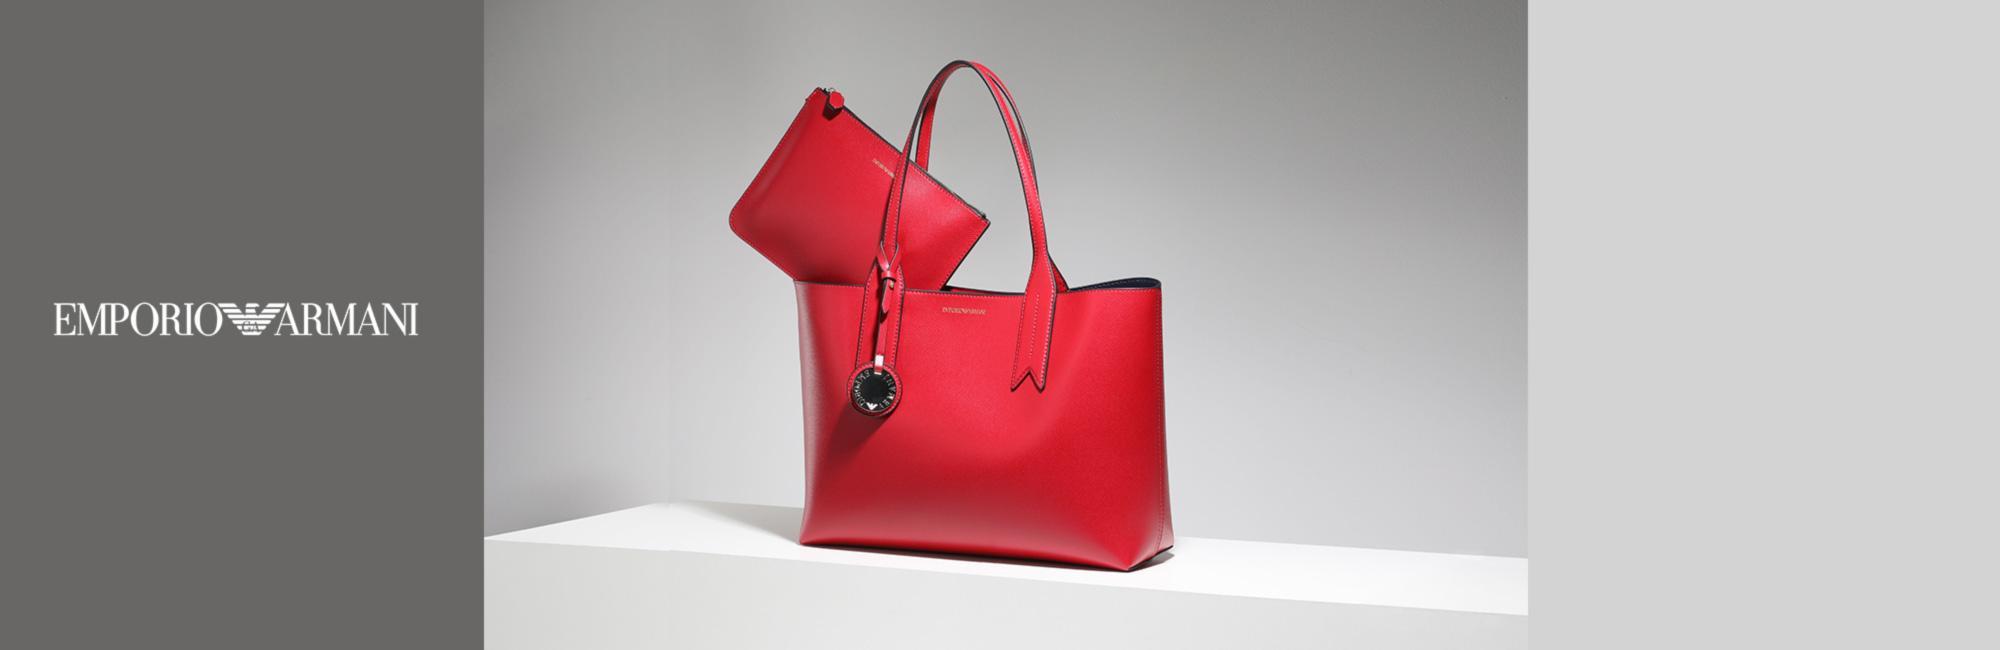 Emporio Armani borse, portafogli e accessori acquistare